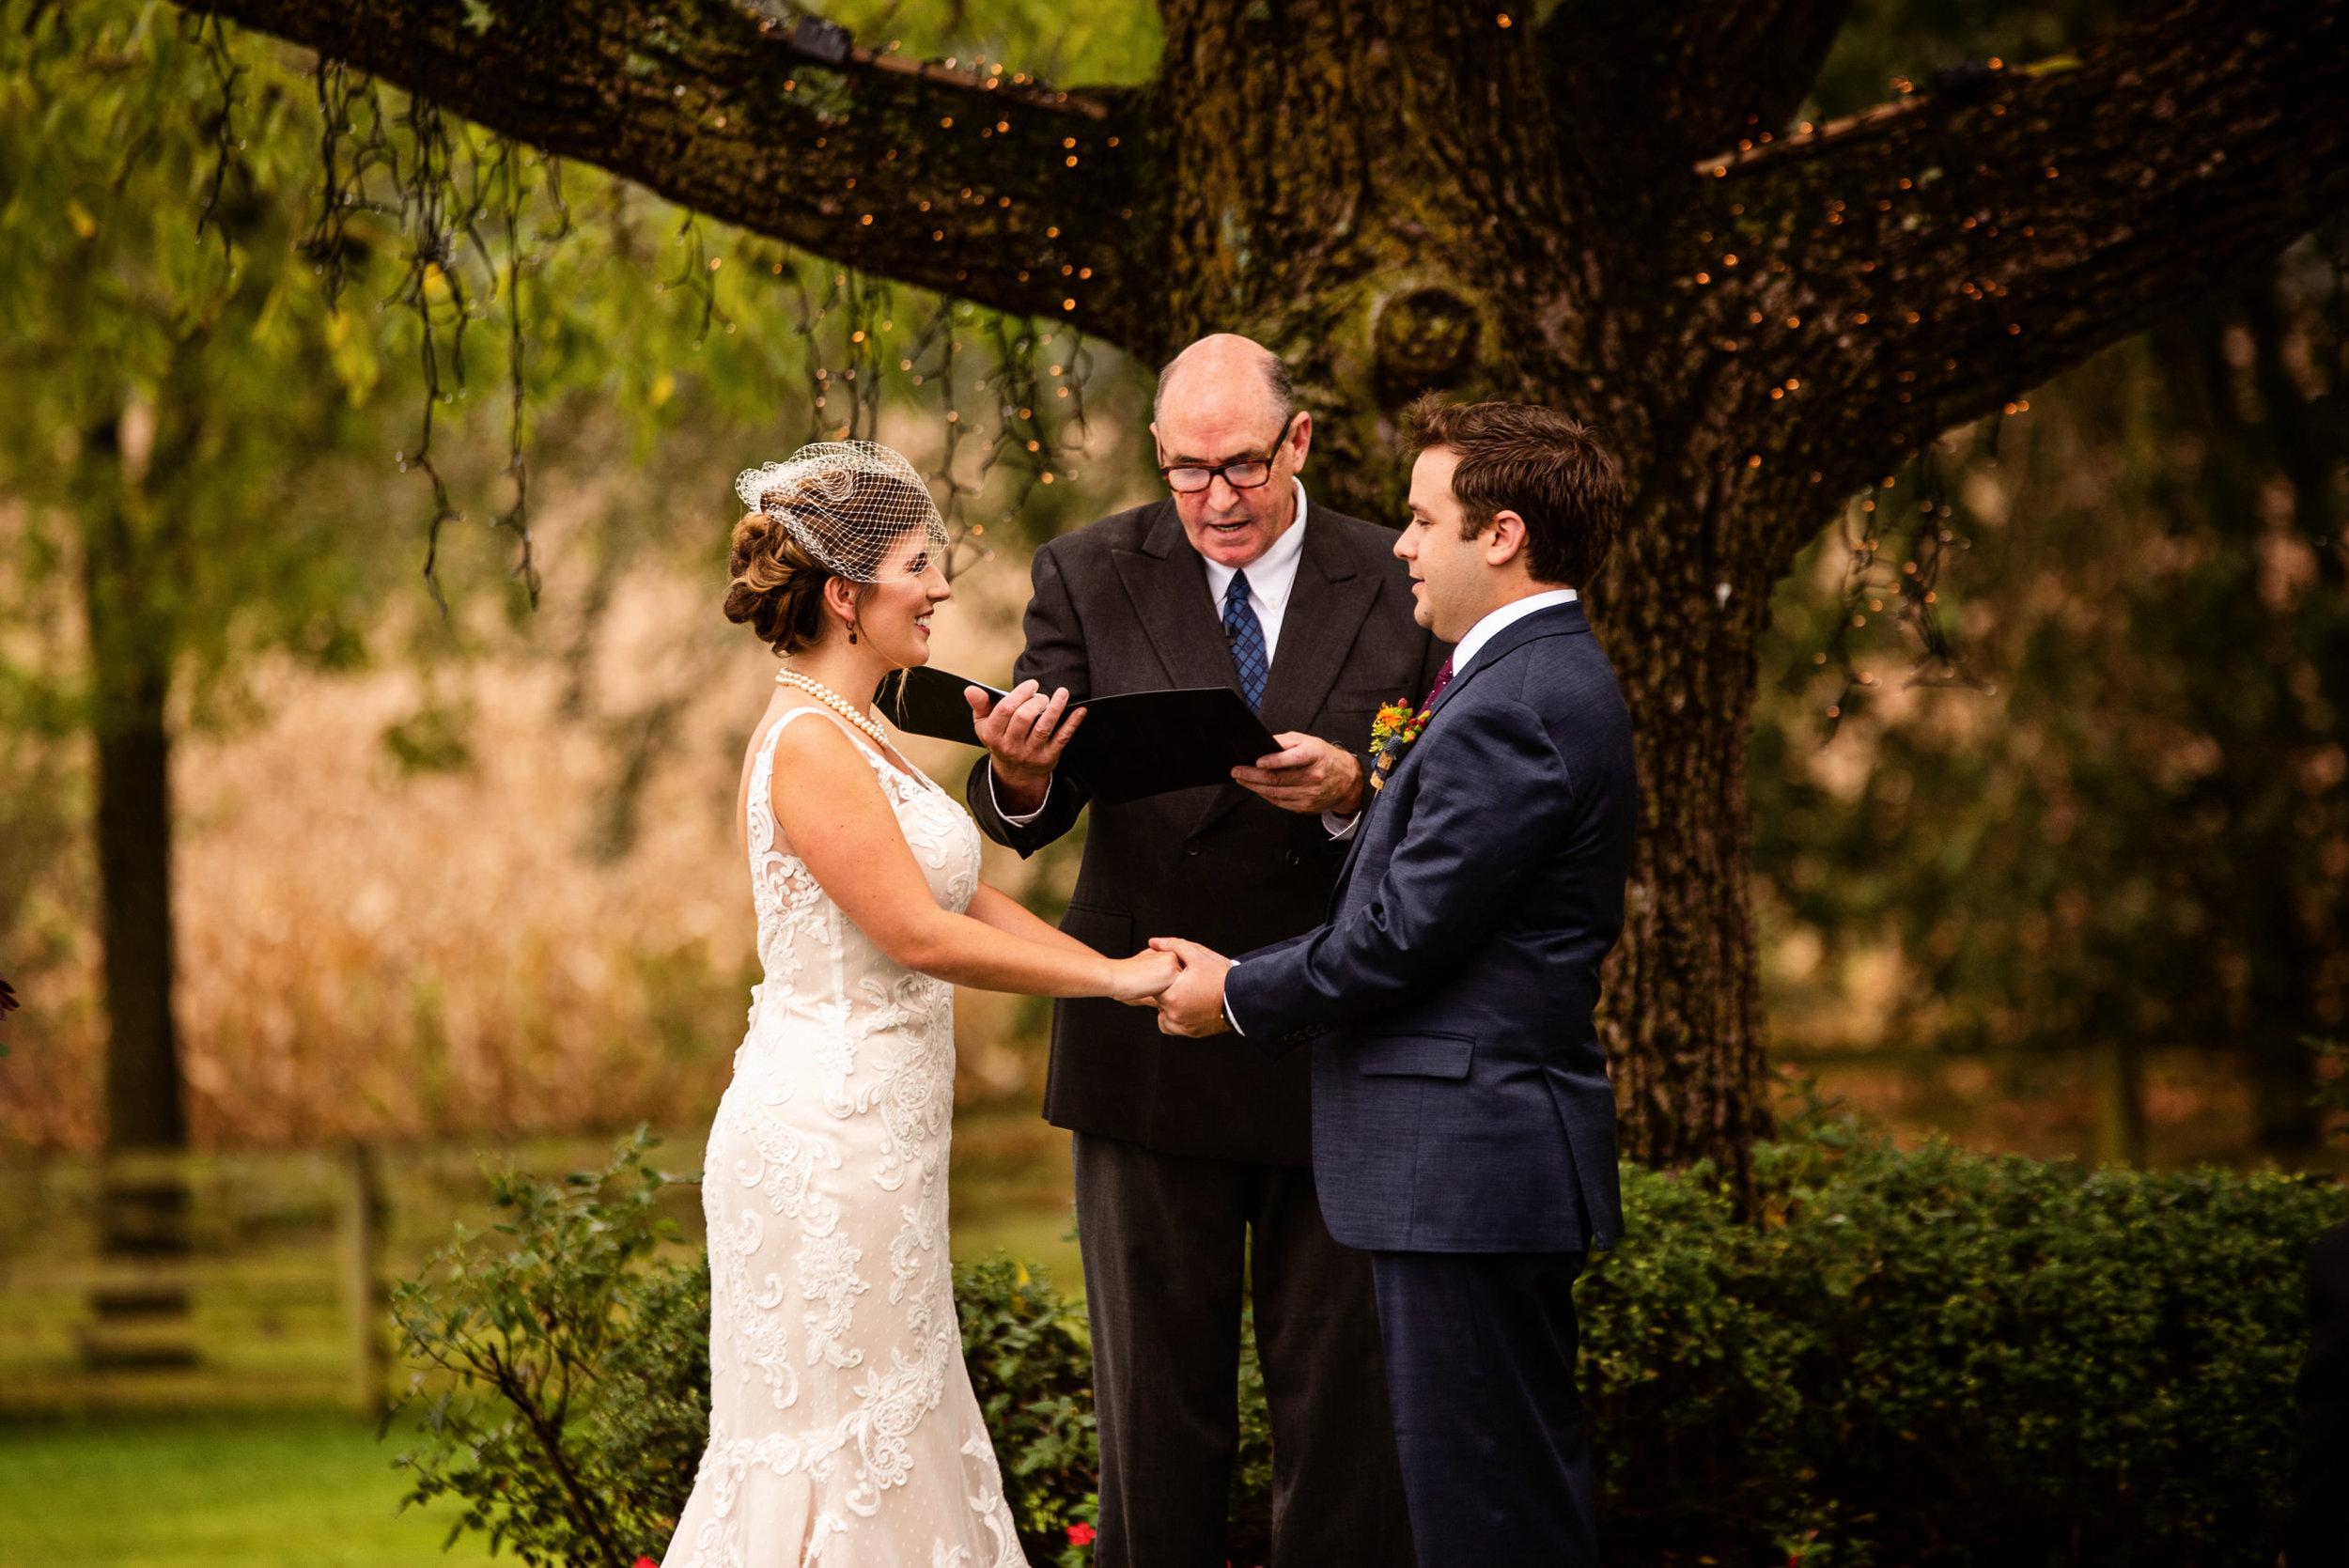 WalkersOverlookWedding-Angela&Ben-Ceremony-15.jpg